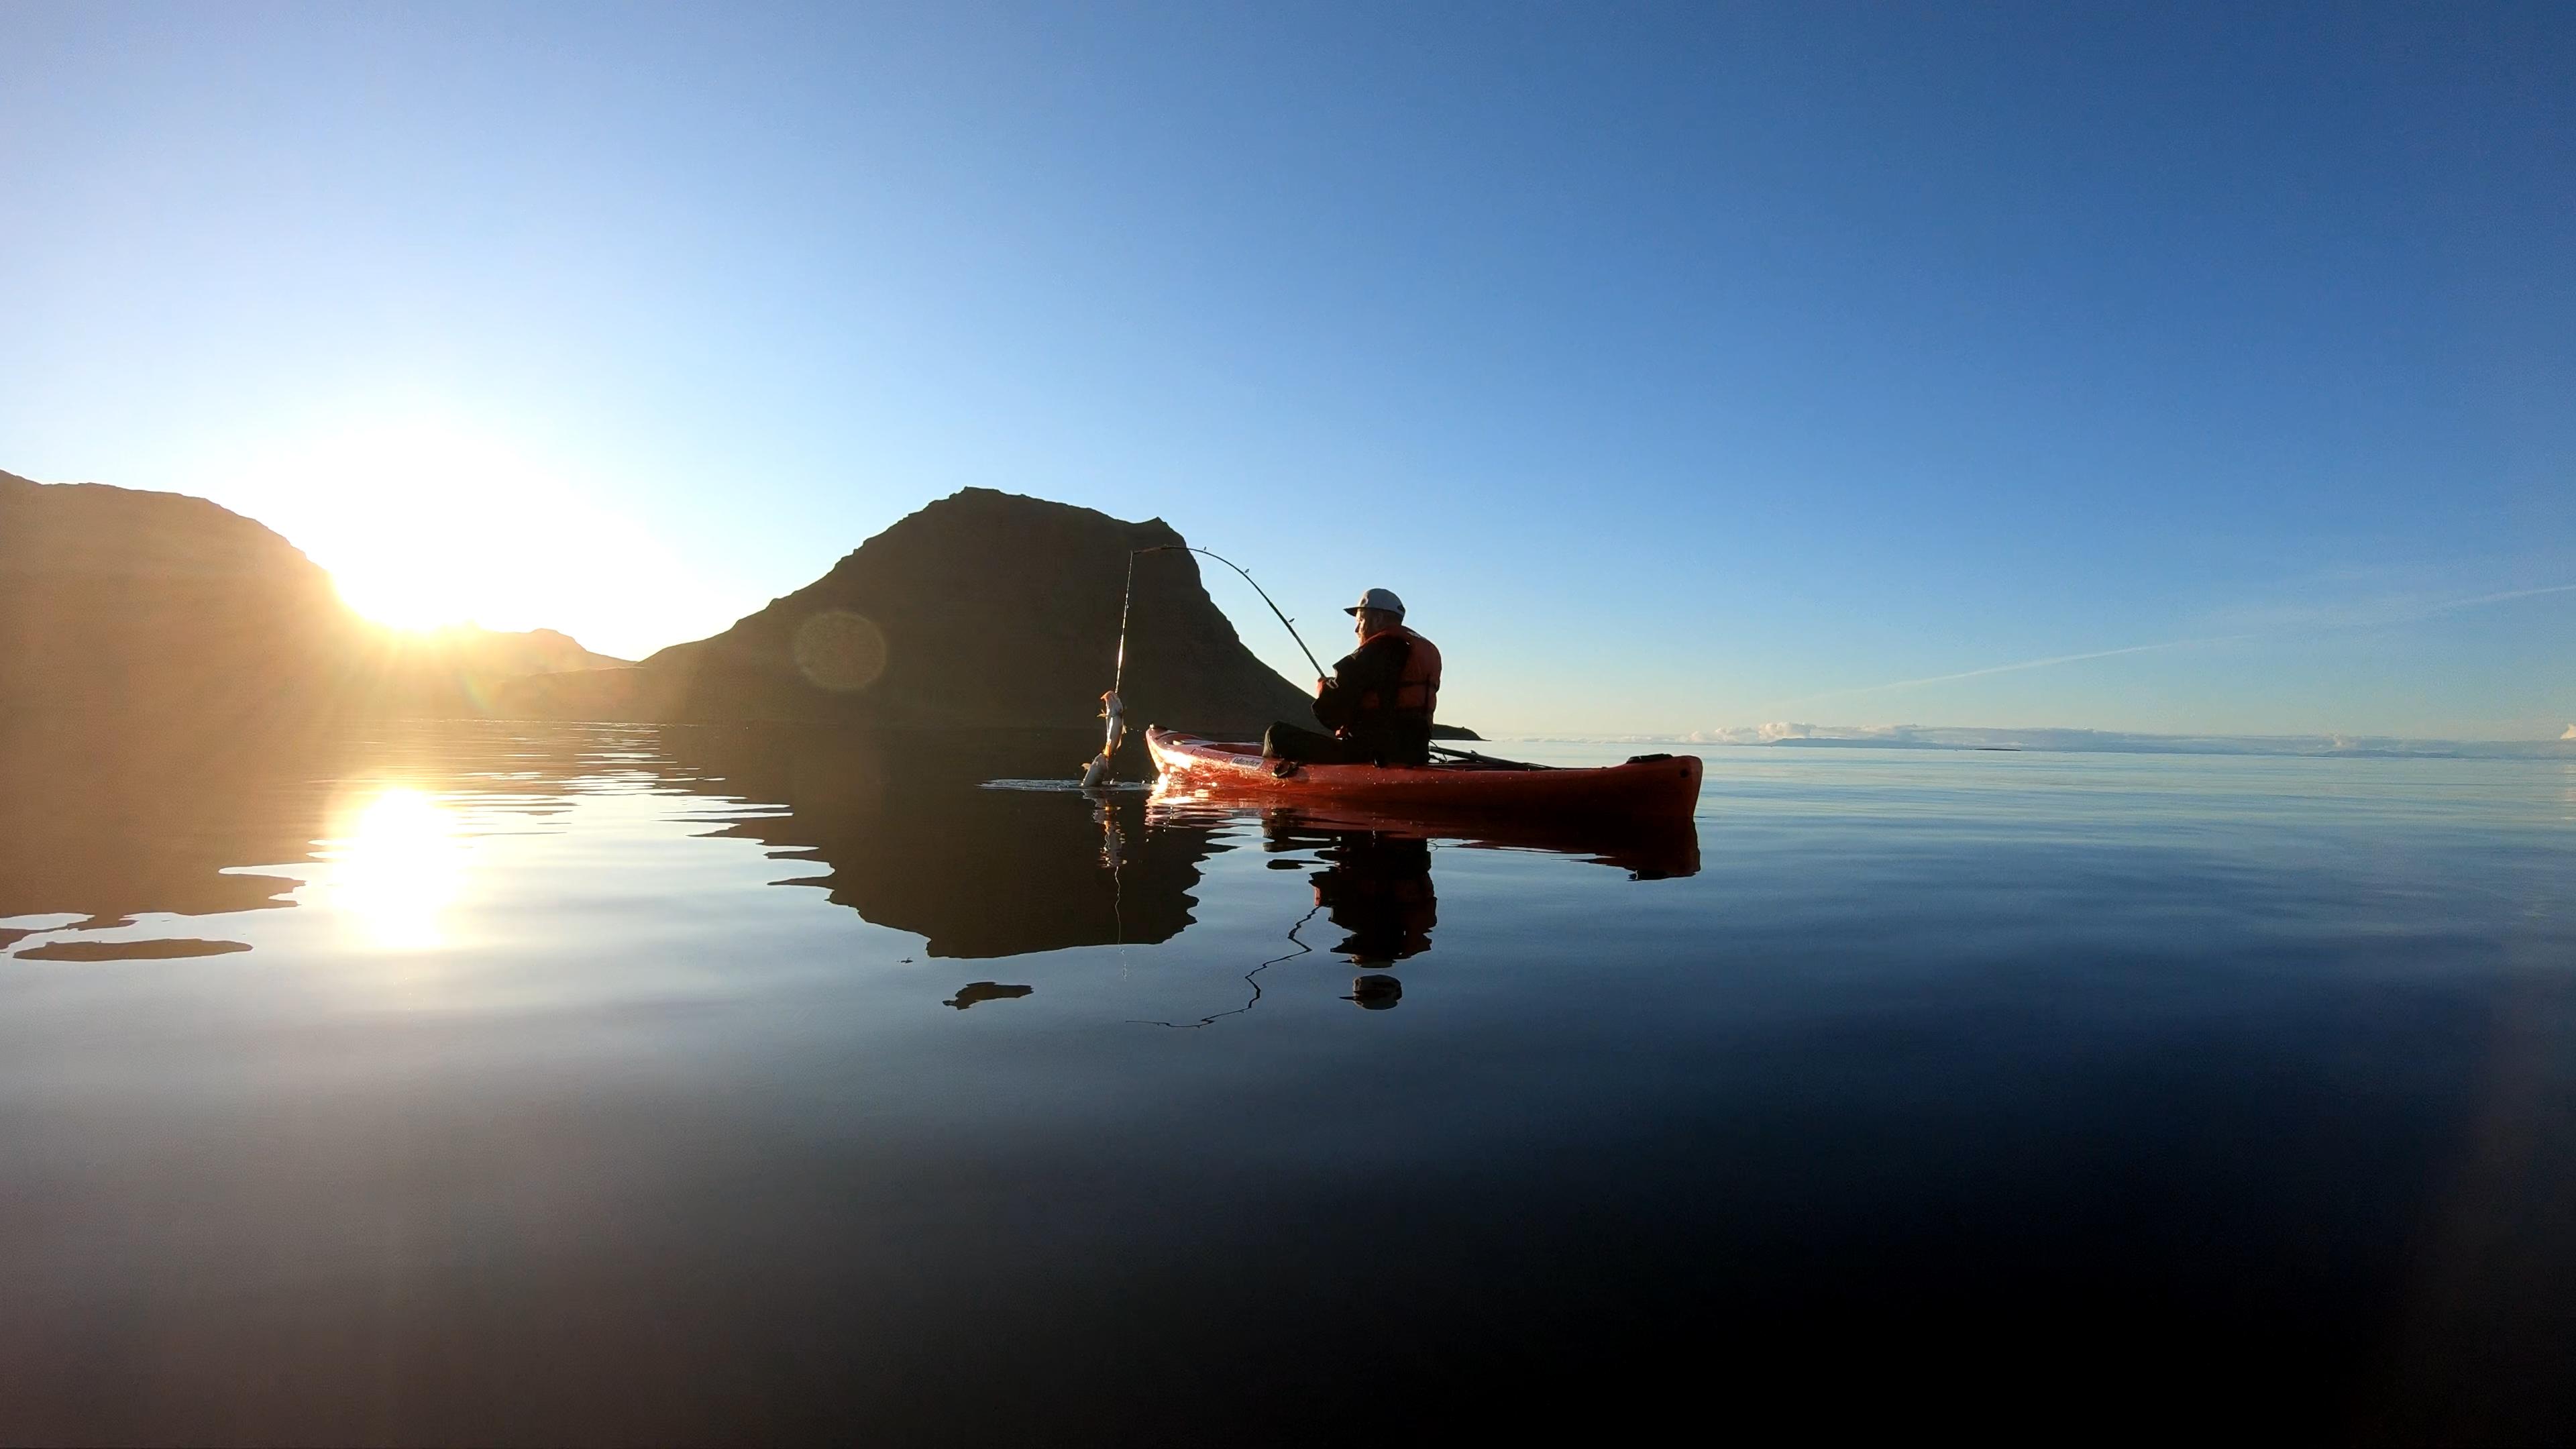 Verpasse nicht die einmalige Gelegenheit, Angeln und Kajakfahren am Fuße des berühmten Berges zu kombinieren.